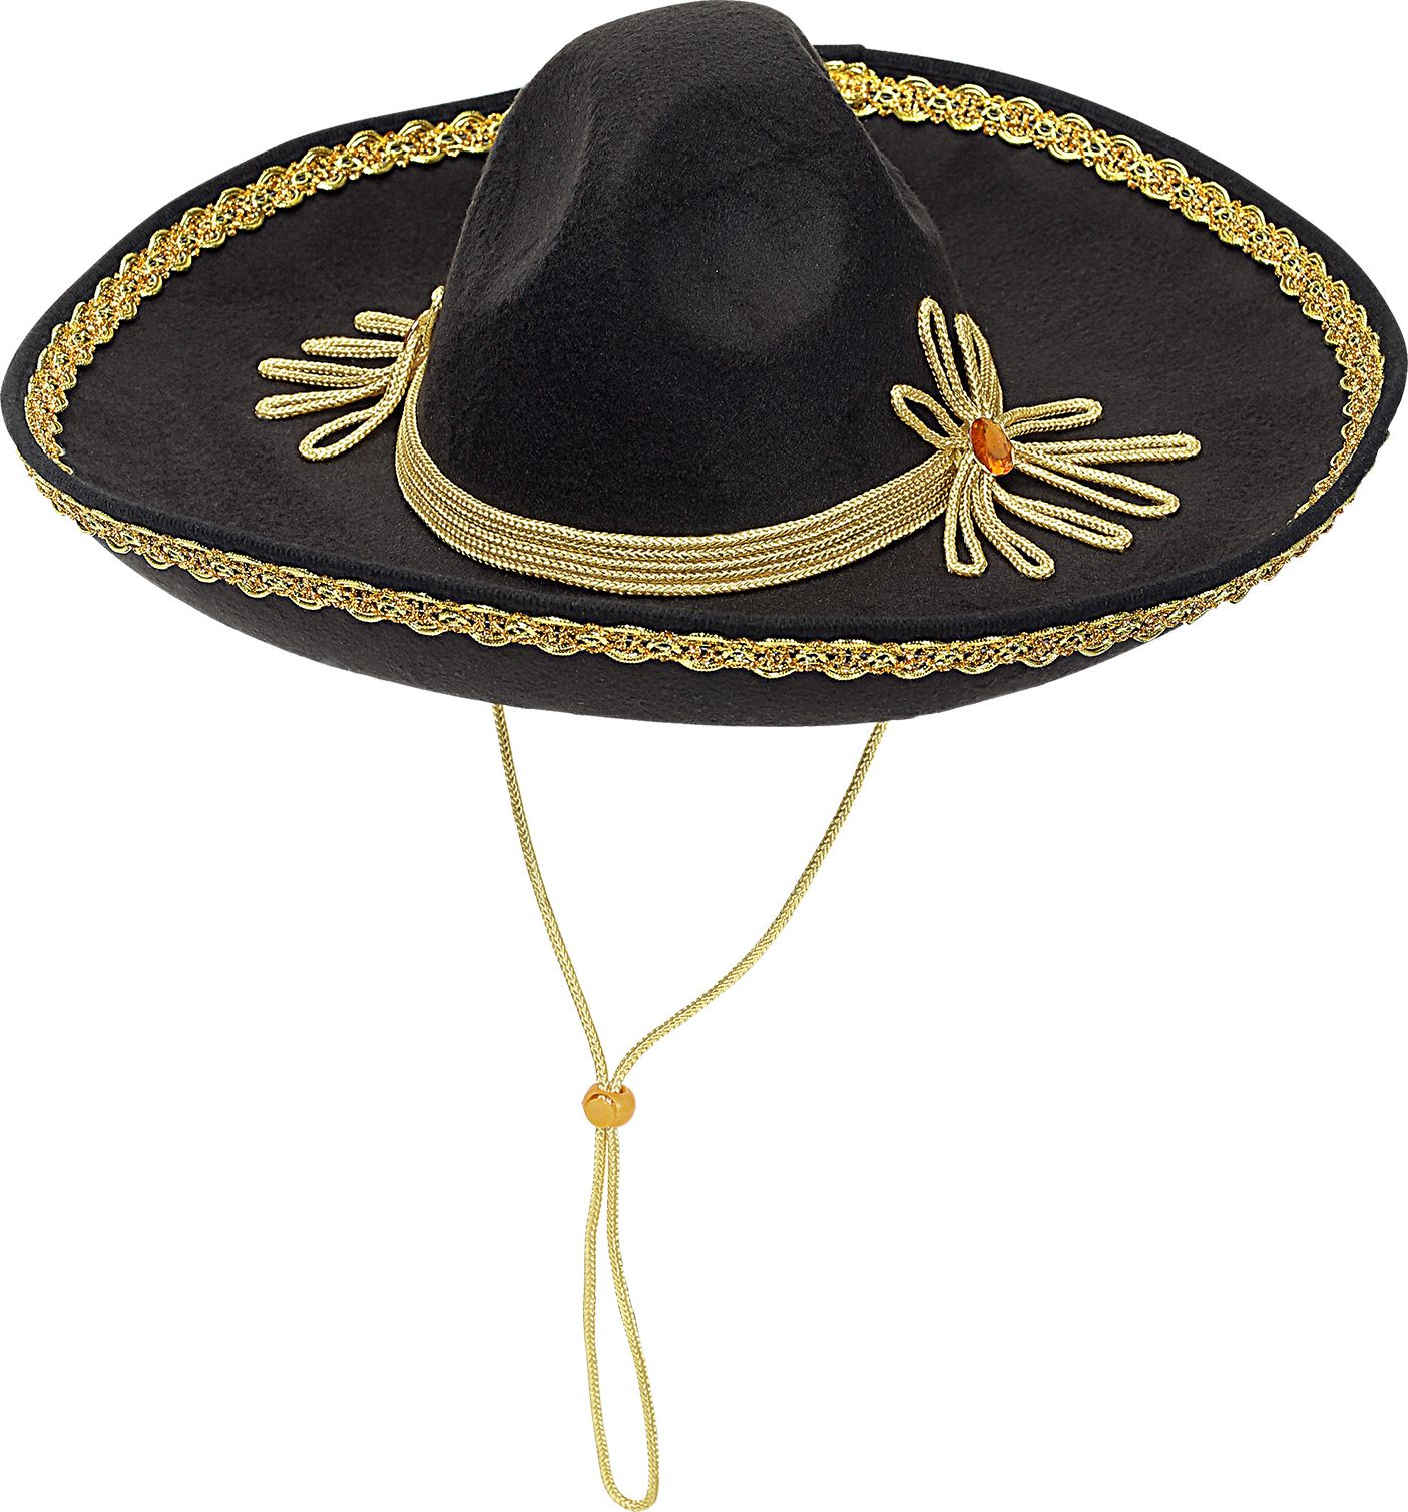 Zwarte hoed Mexicaan